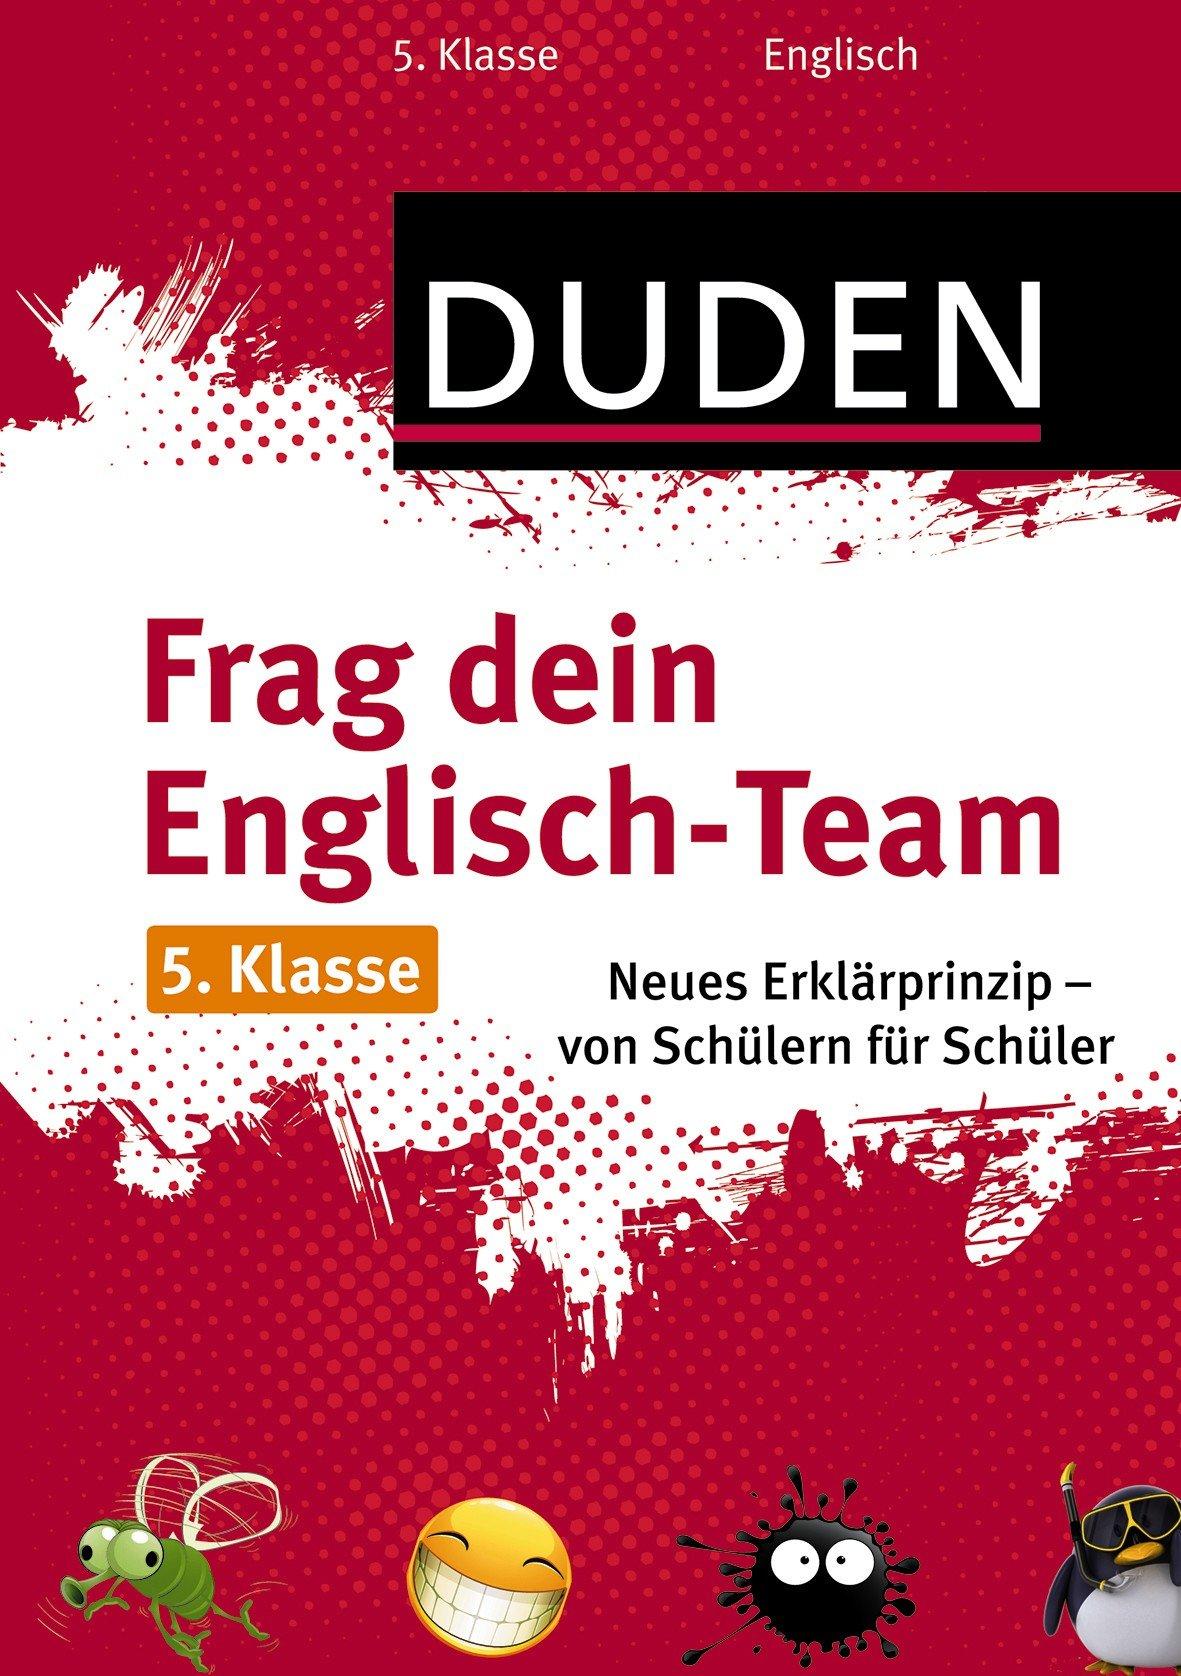 Frag dein Englisch-Team 5. Klasse